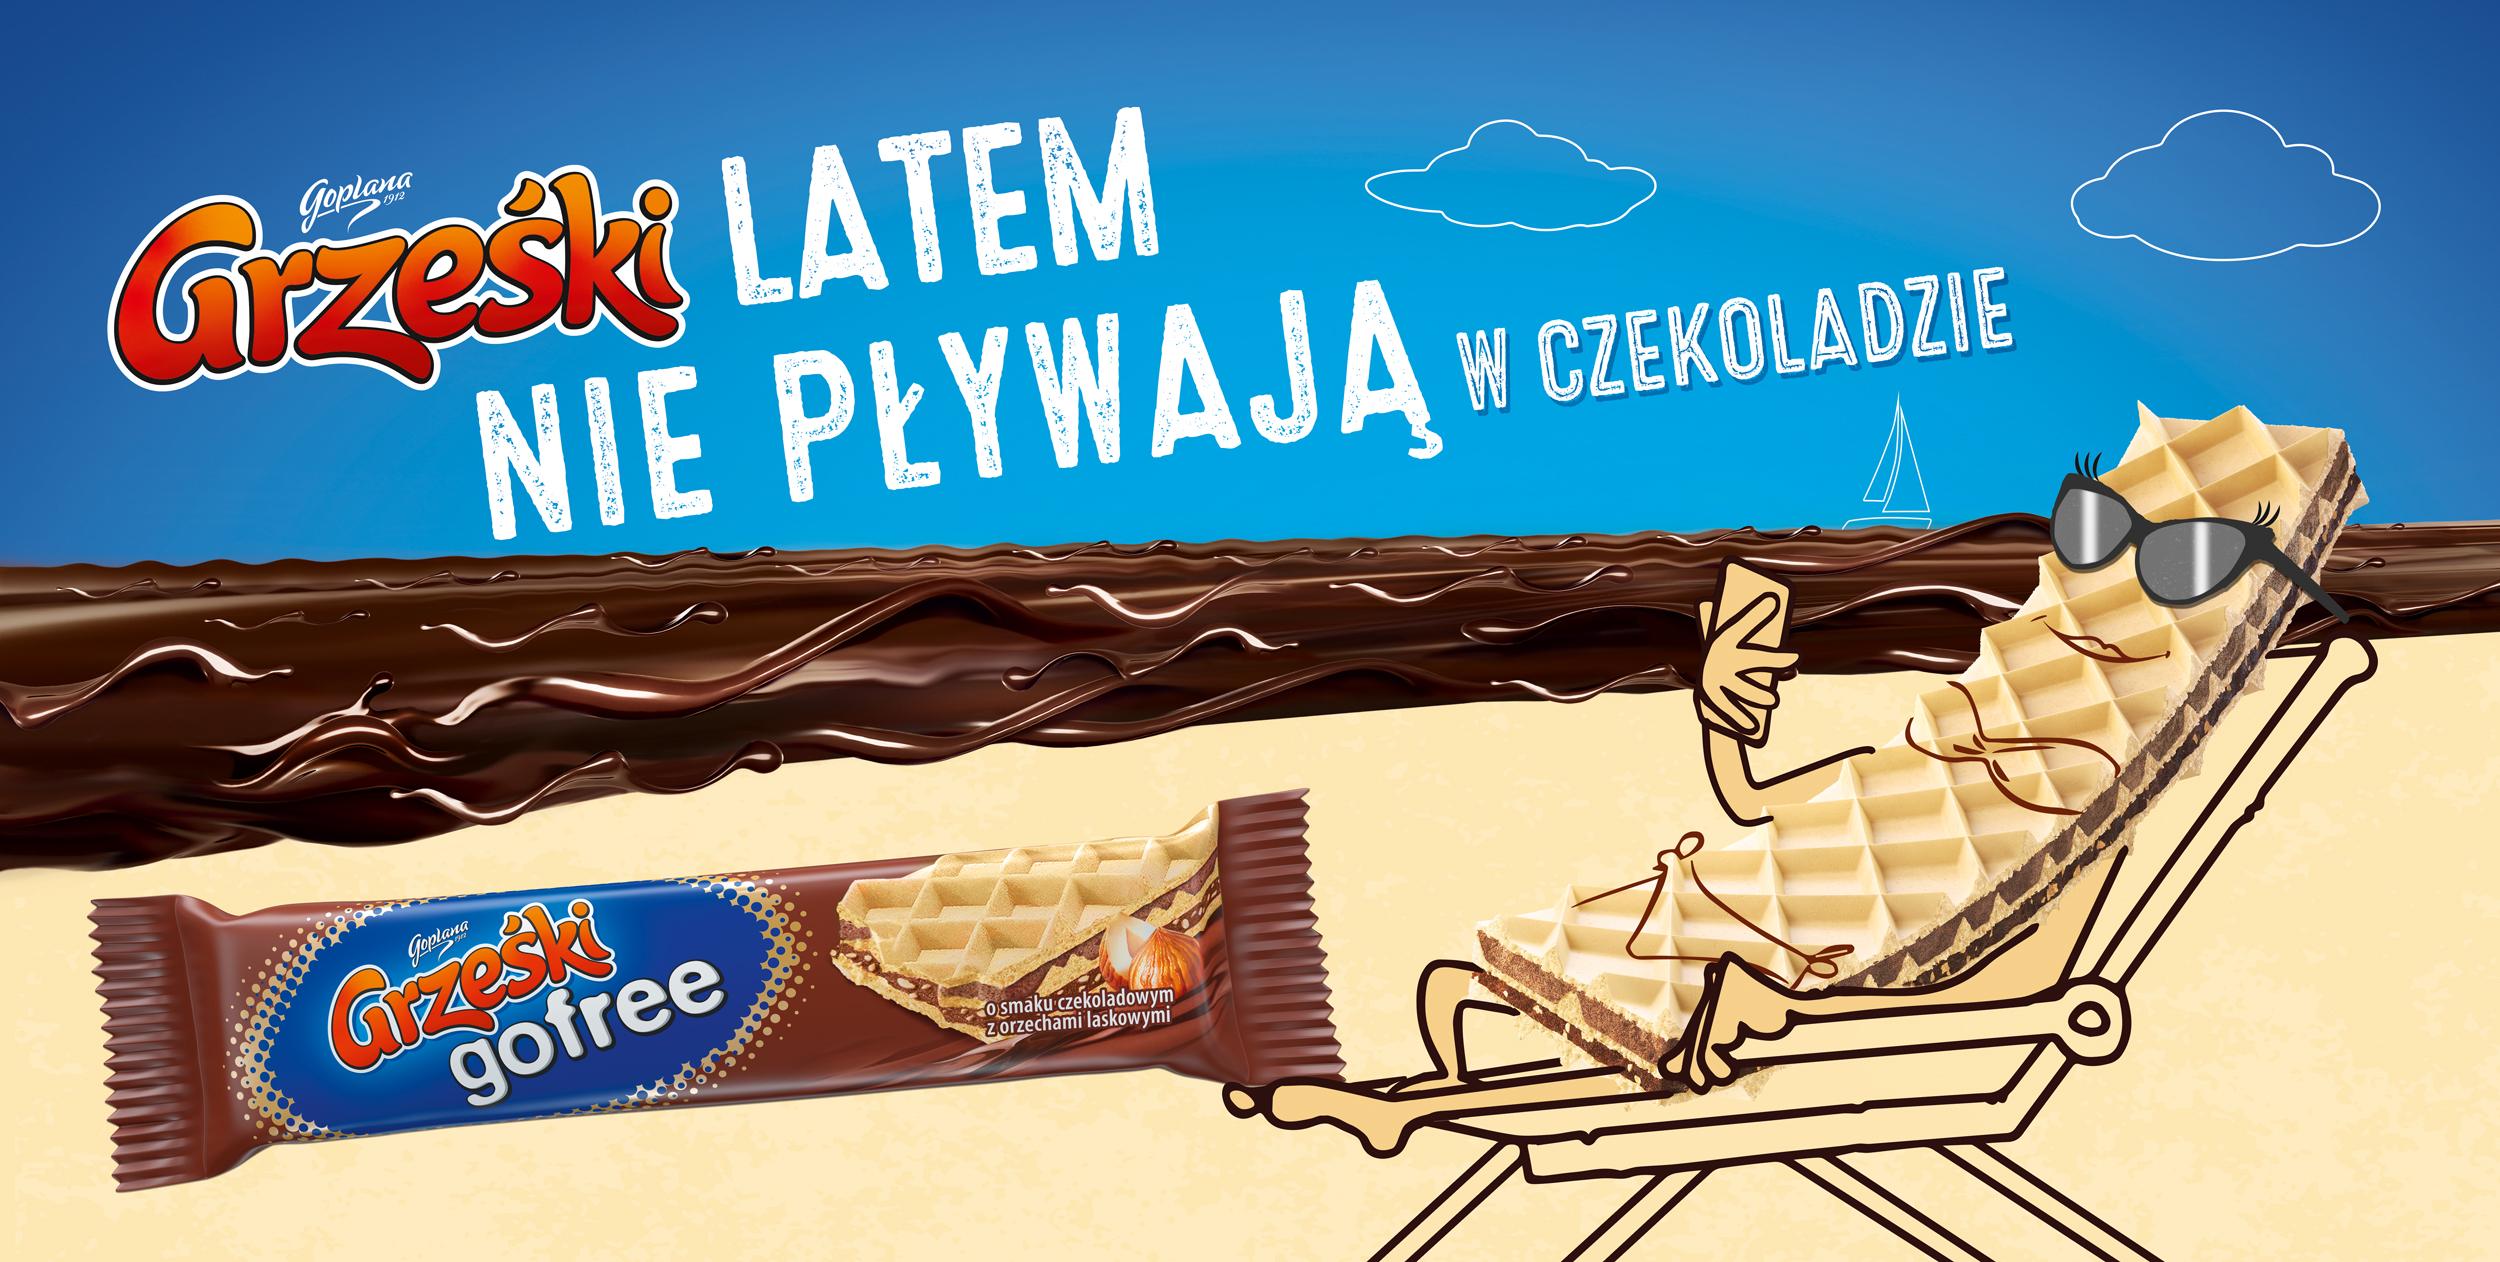 Grześki latem nie pływają w czekoladzie